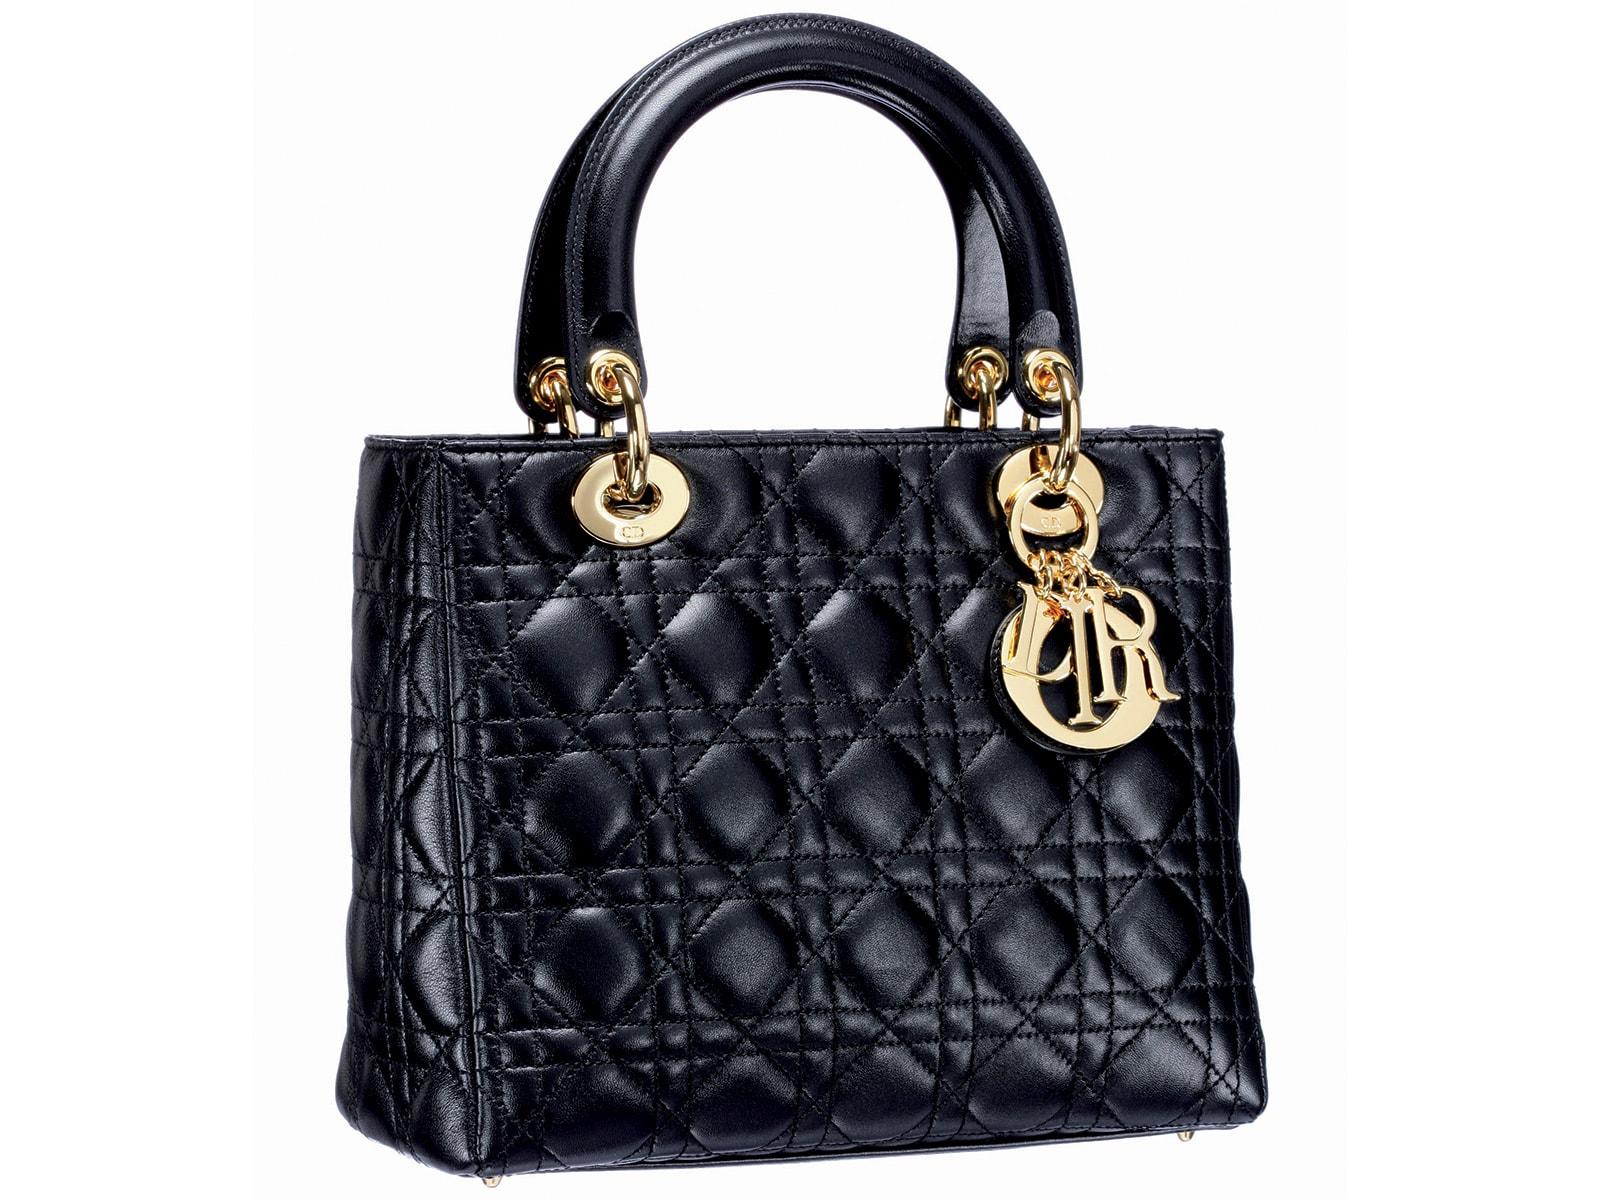 Chiếc túi nhỏ bé của Dior vì sao trở thành niềm khao khát của triệu phụ nữ - 6